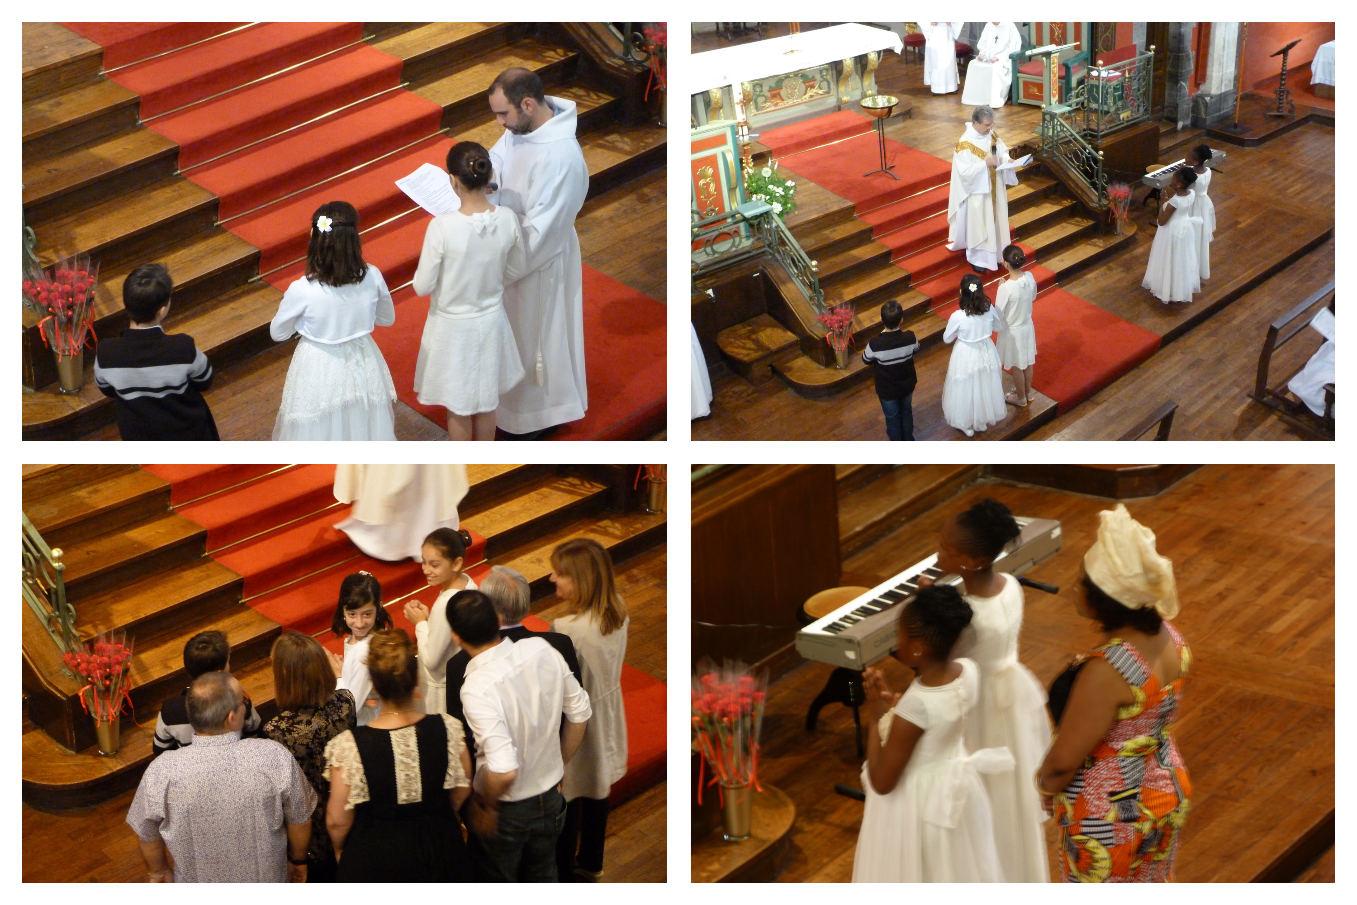 Les 5 futurs baptisés font leur demande puis sont rejoins par leur parrains et marraines